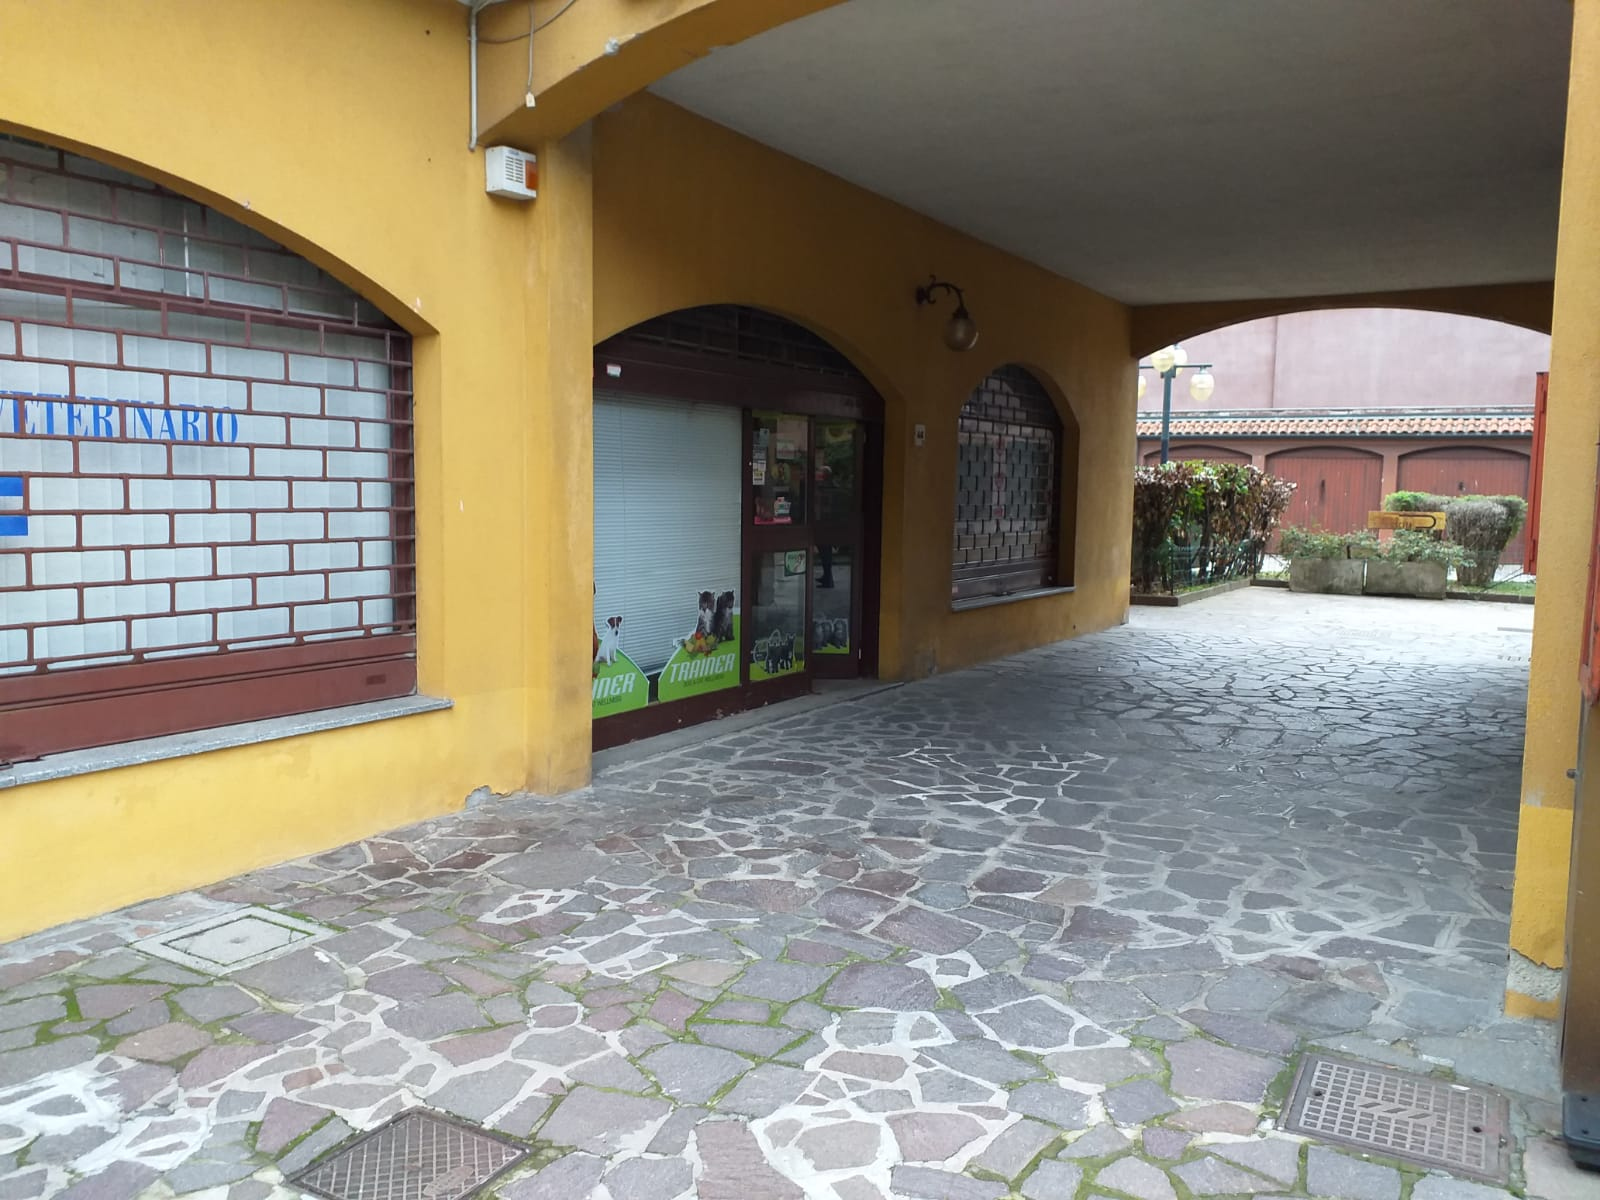 Negozio / Locale in affitto a Binasco, 9999 locali, prezzo € 700 | CambioCasa.it